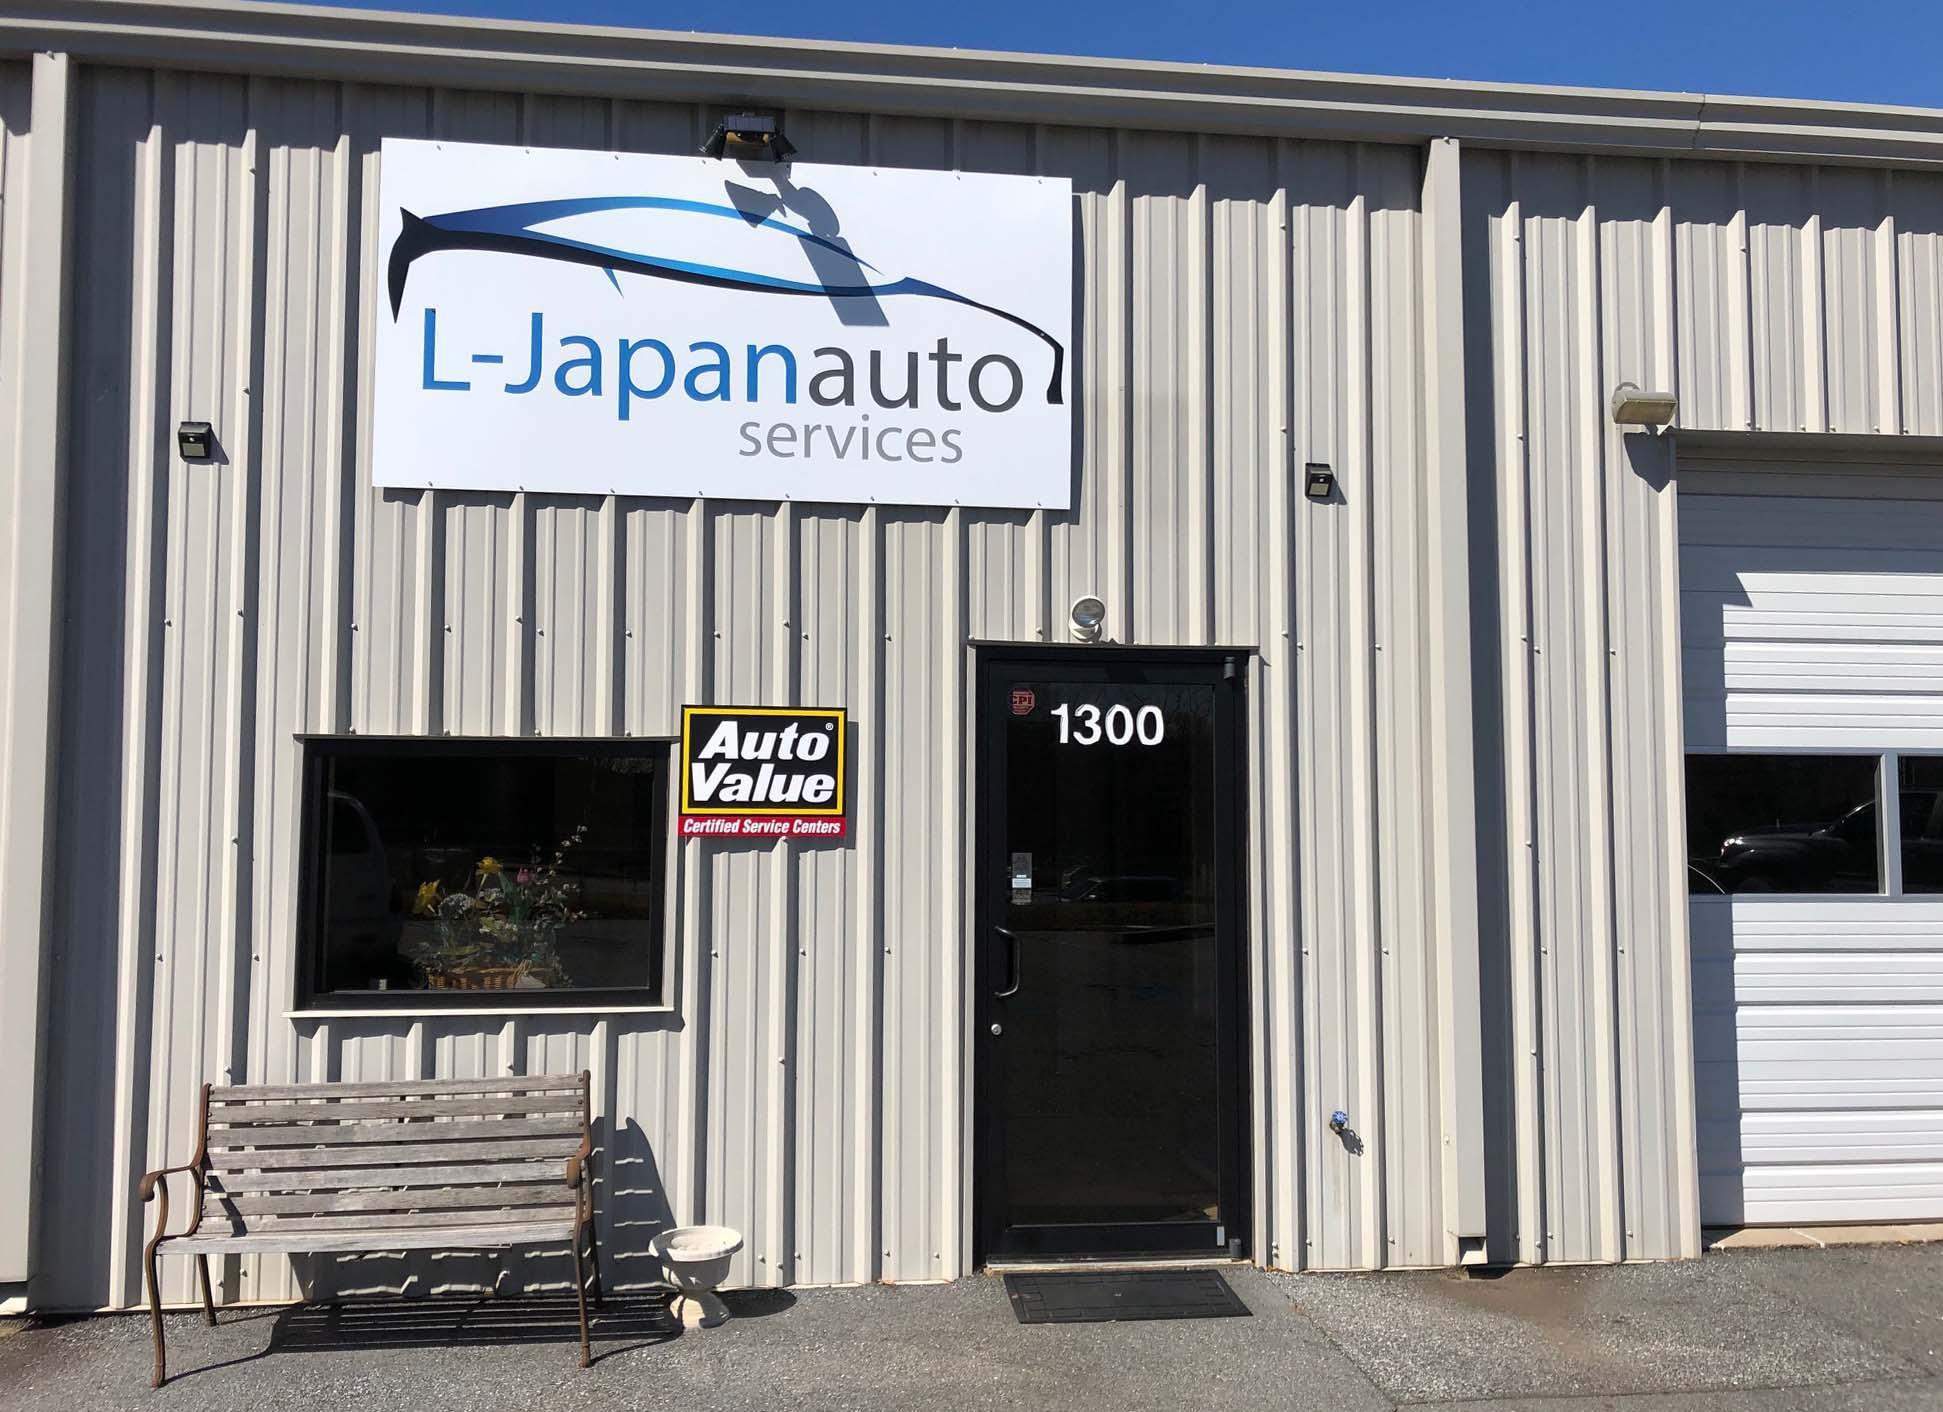 L-JAPAN AUTO SERVICE INC.